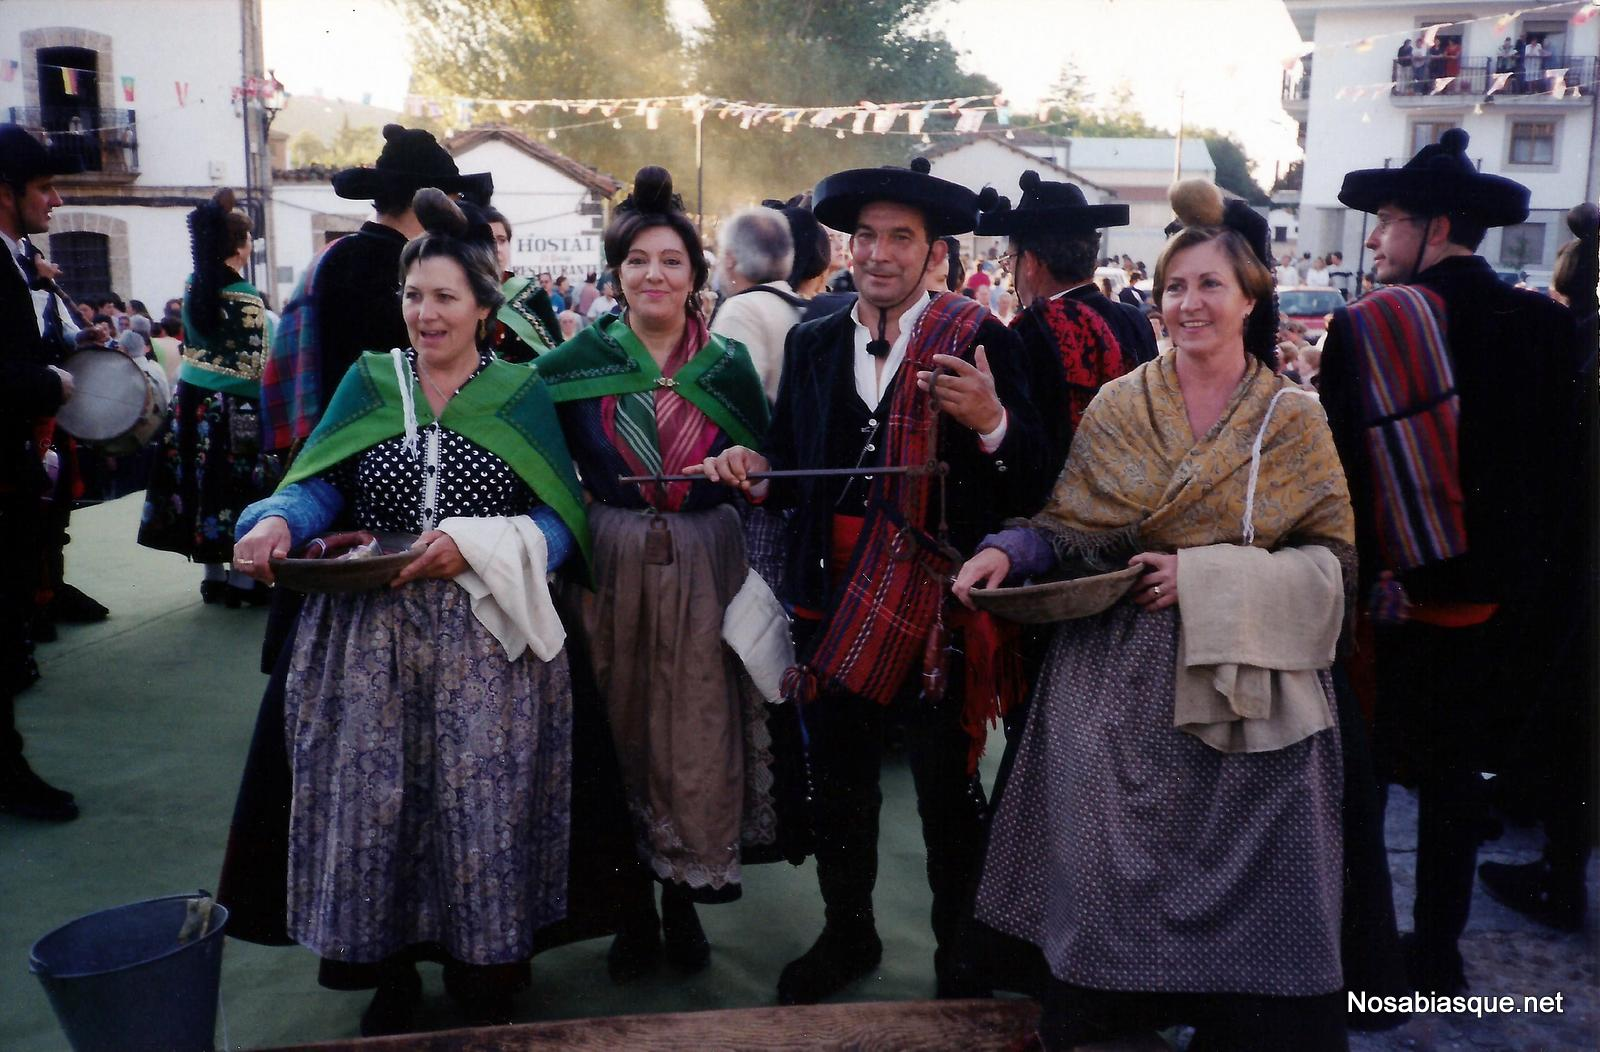 Exhibición de trajes de Candelaria en Candelario Salamanca